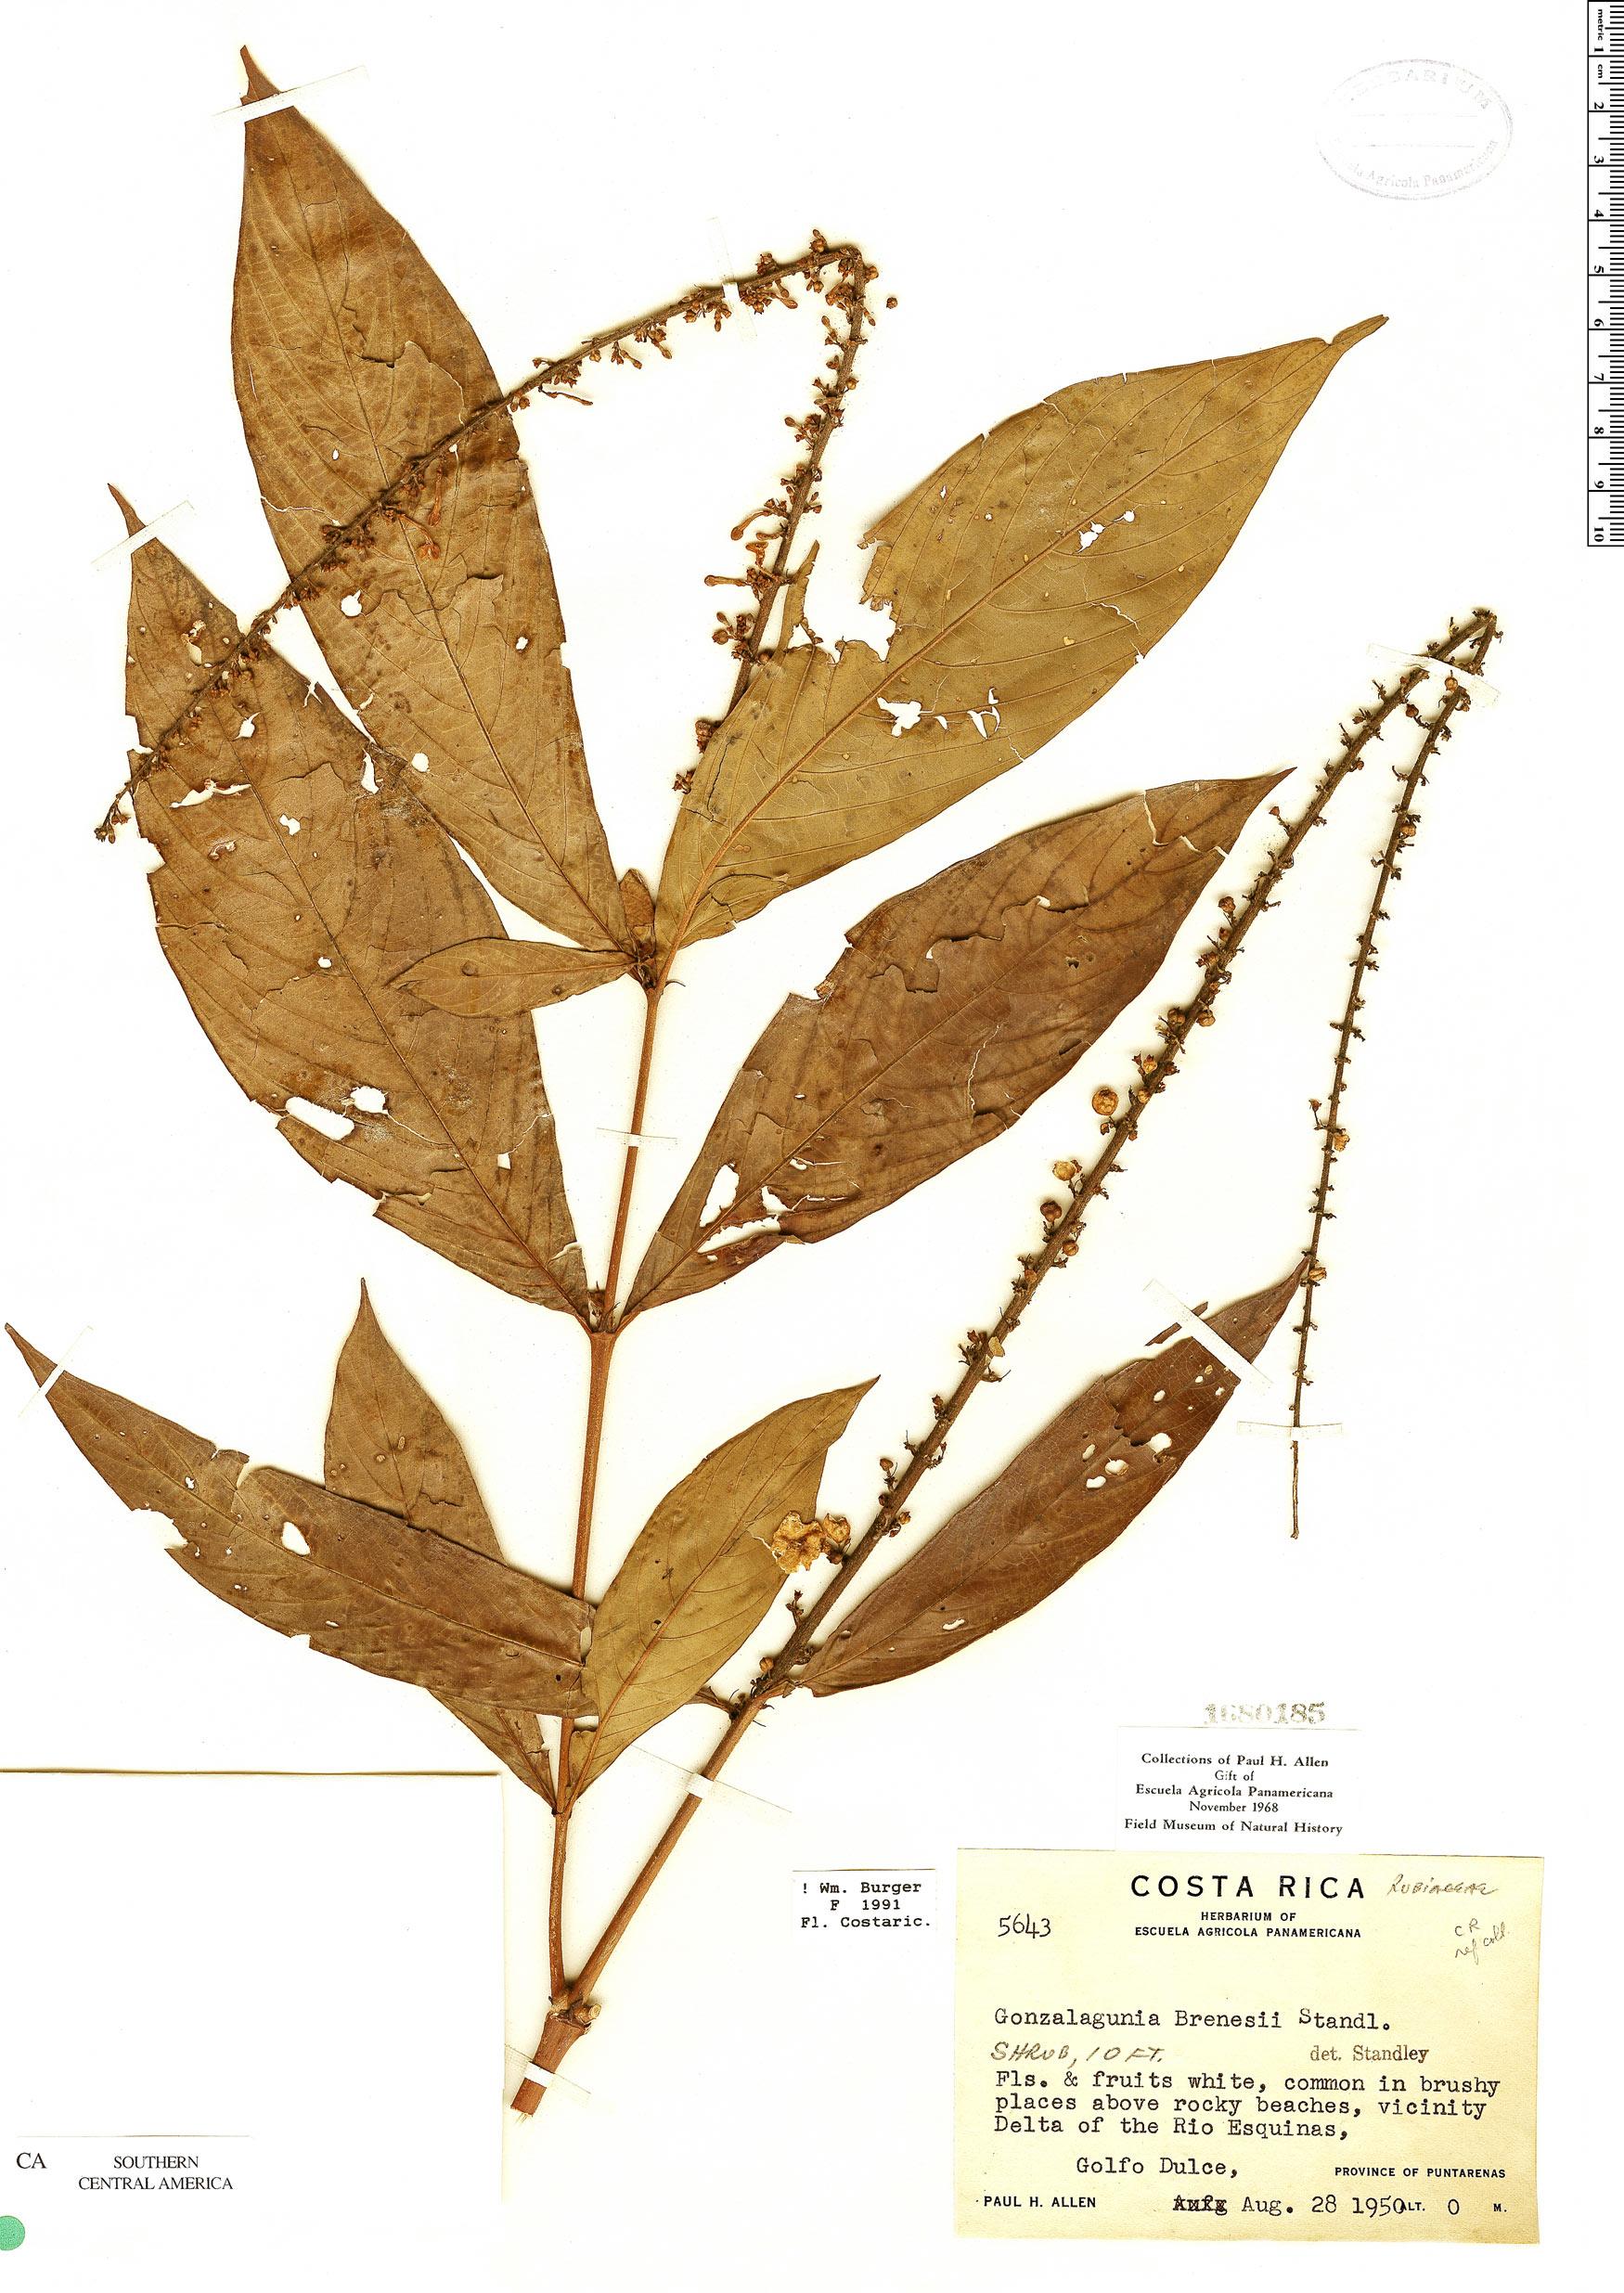 Specimen: Gonzalagunia brenesii